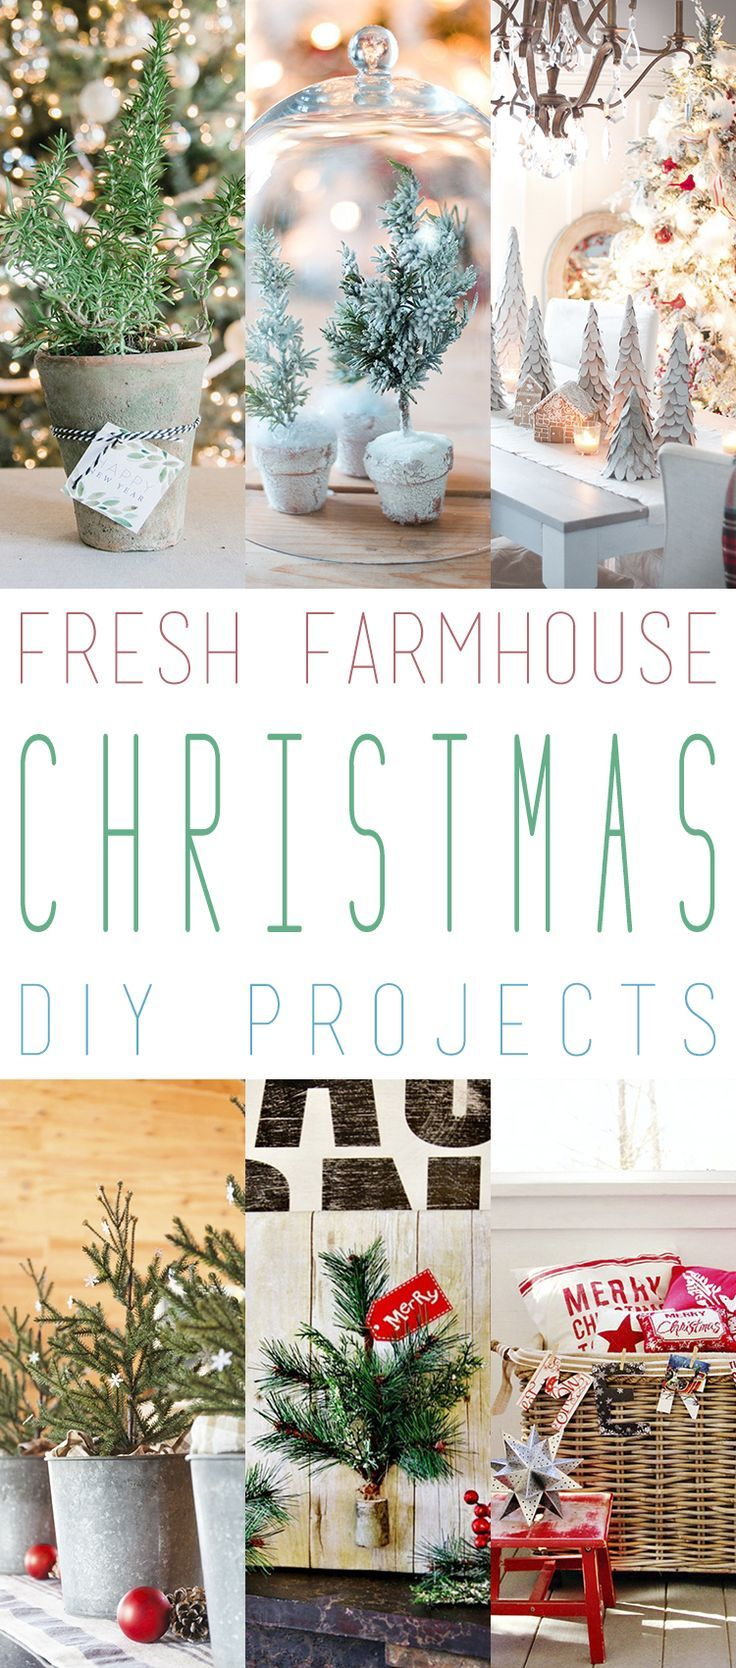 11 Fresh Farmhouse Christmas DIY Projects | Holidays, Christmas ...